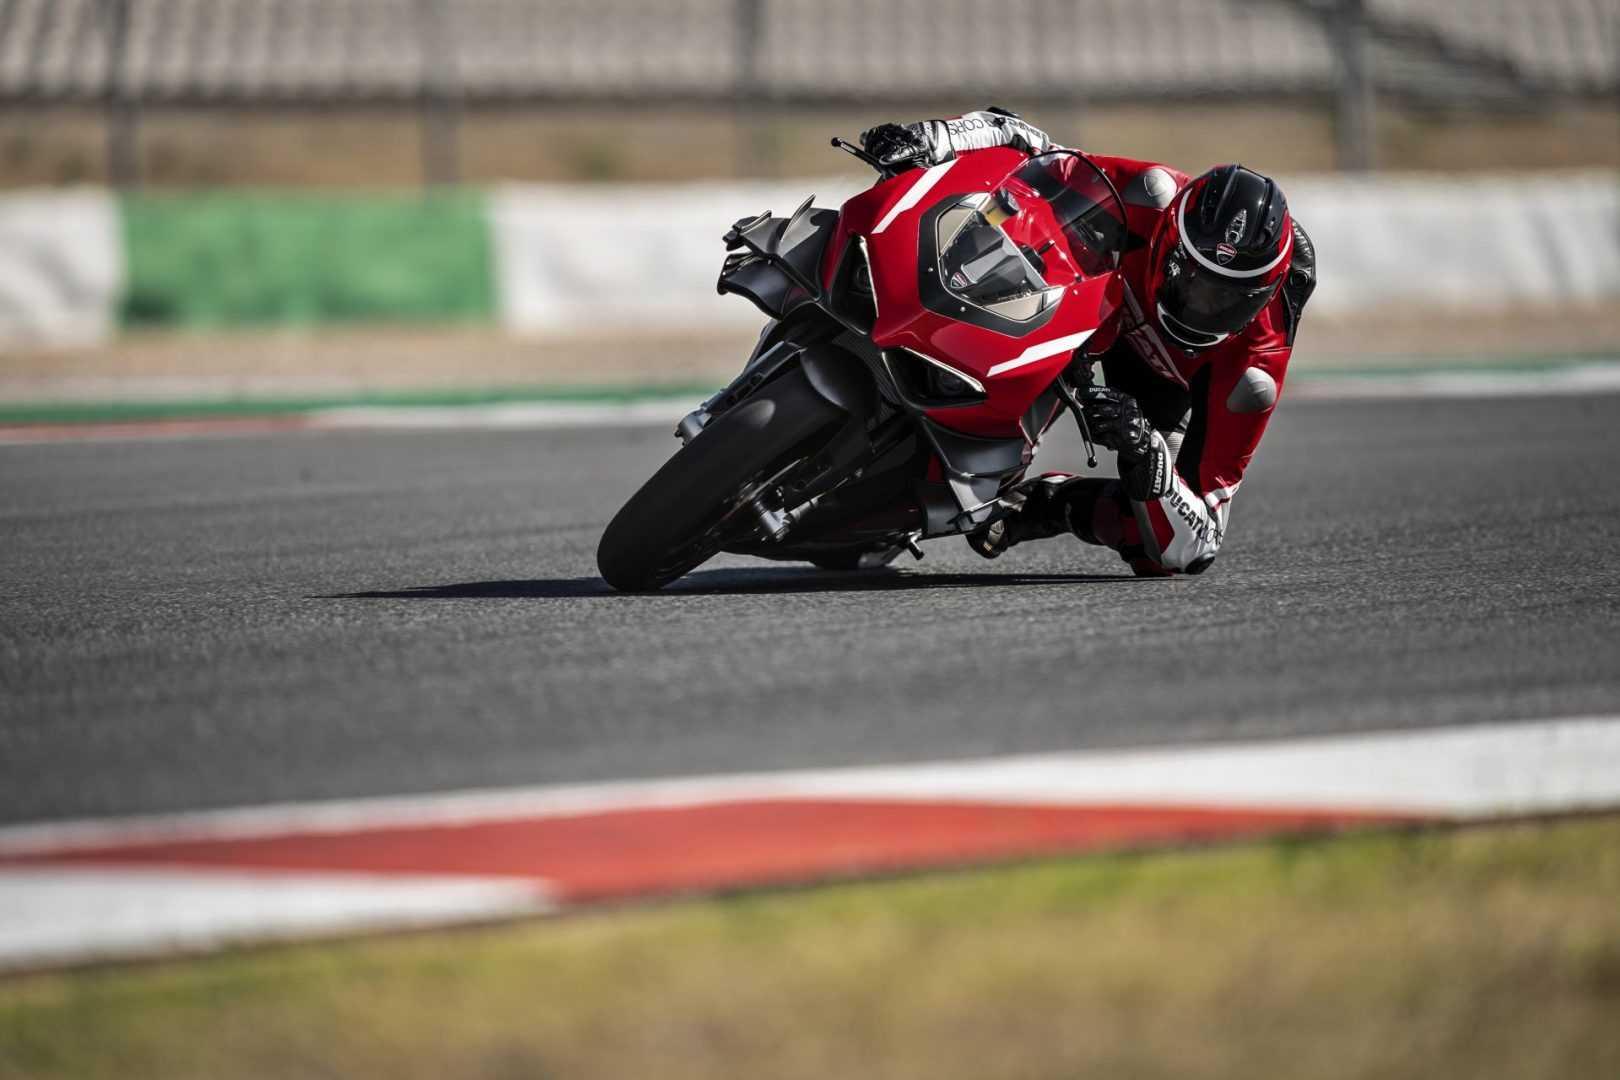 Pirelli Diablo Supercorsa SP en action